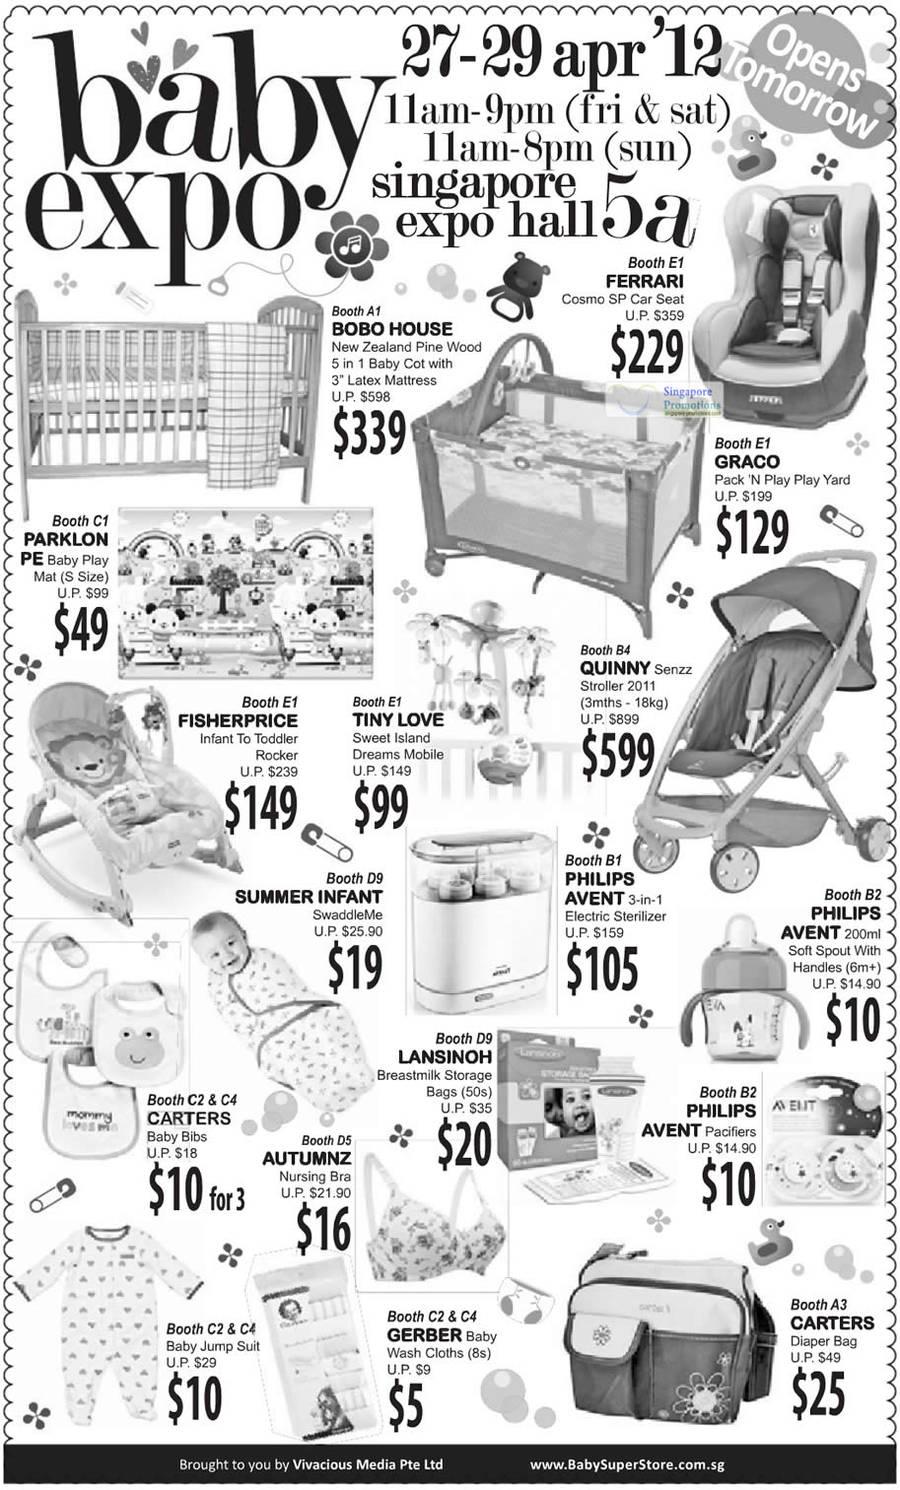 Baby Expo 26 Apr 2012